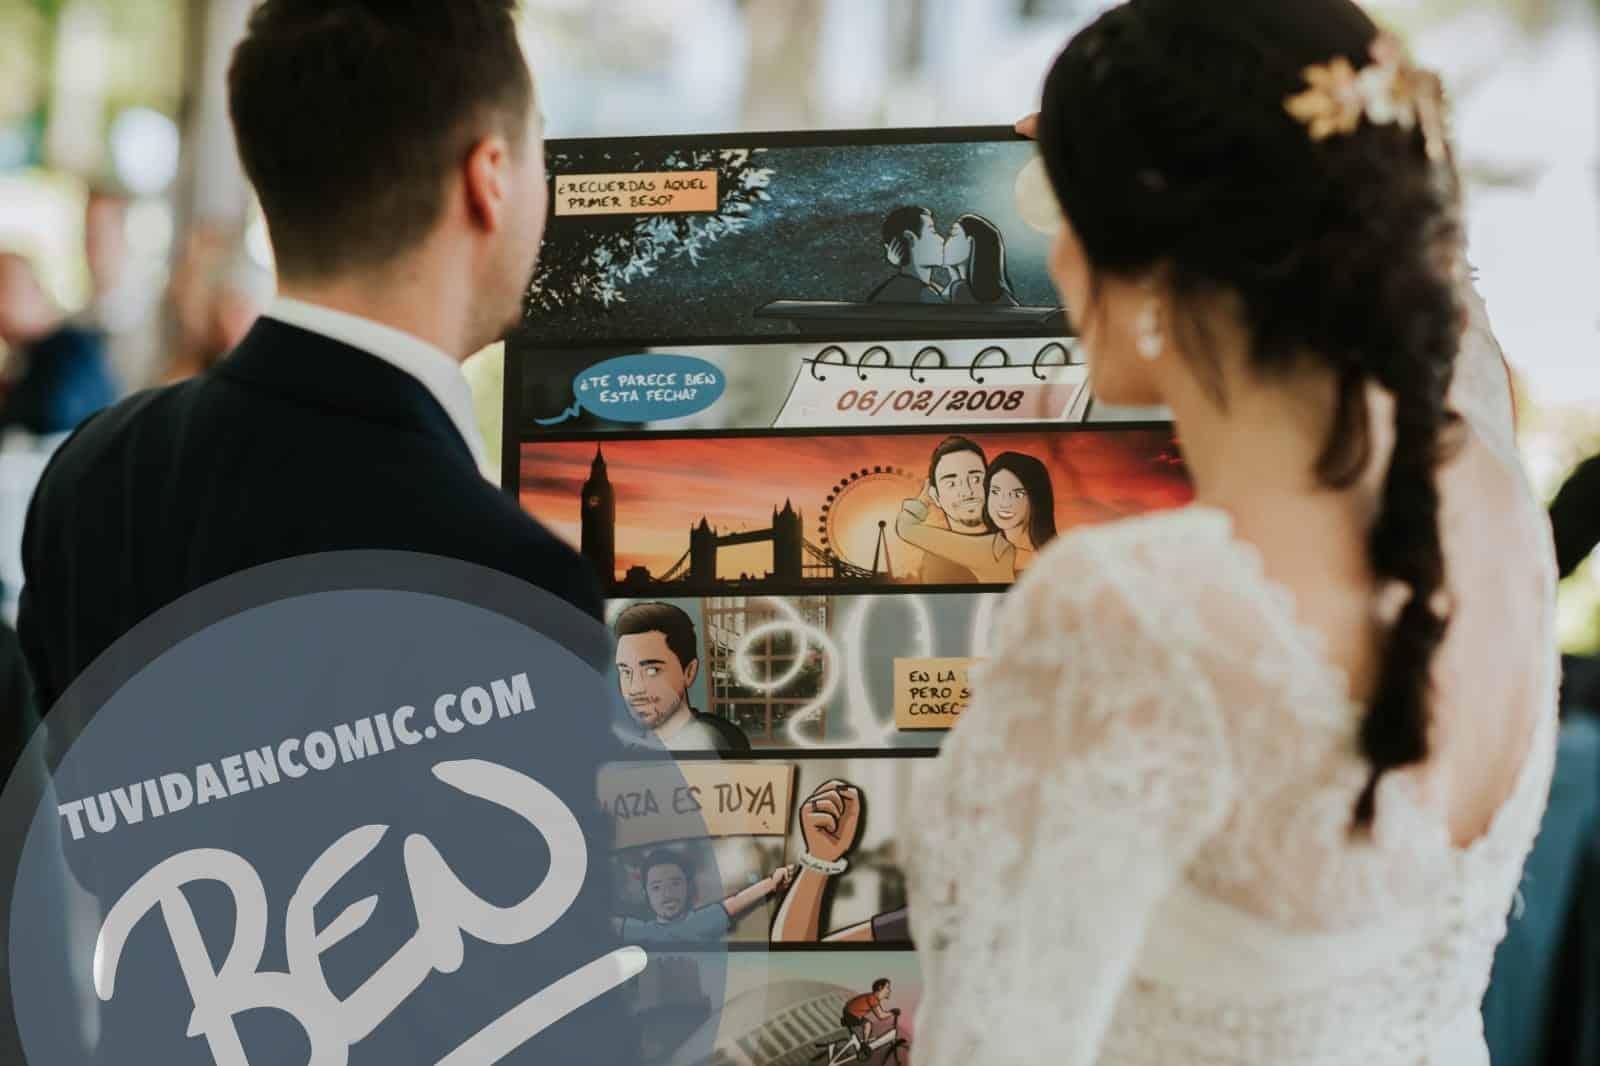 """Cómic personalizado - """"Regalo de boda con Nuestra historia de Amor en viñetas"""" - www.tuvidaencomic.com - Regalos personalizados - Bodas personalizadas - Bodas originales - Tu Vida en Cómic - TESTIMONIO 2"""